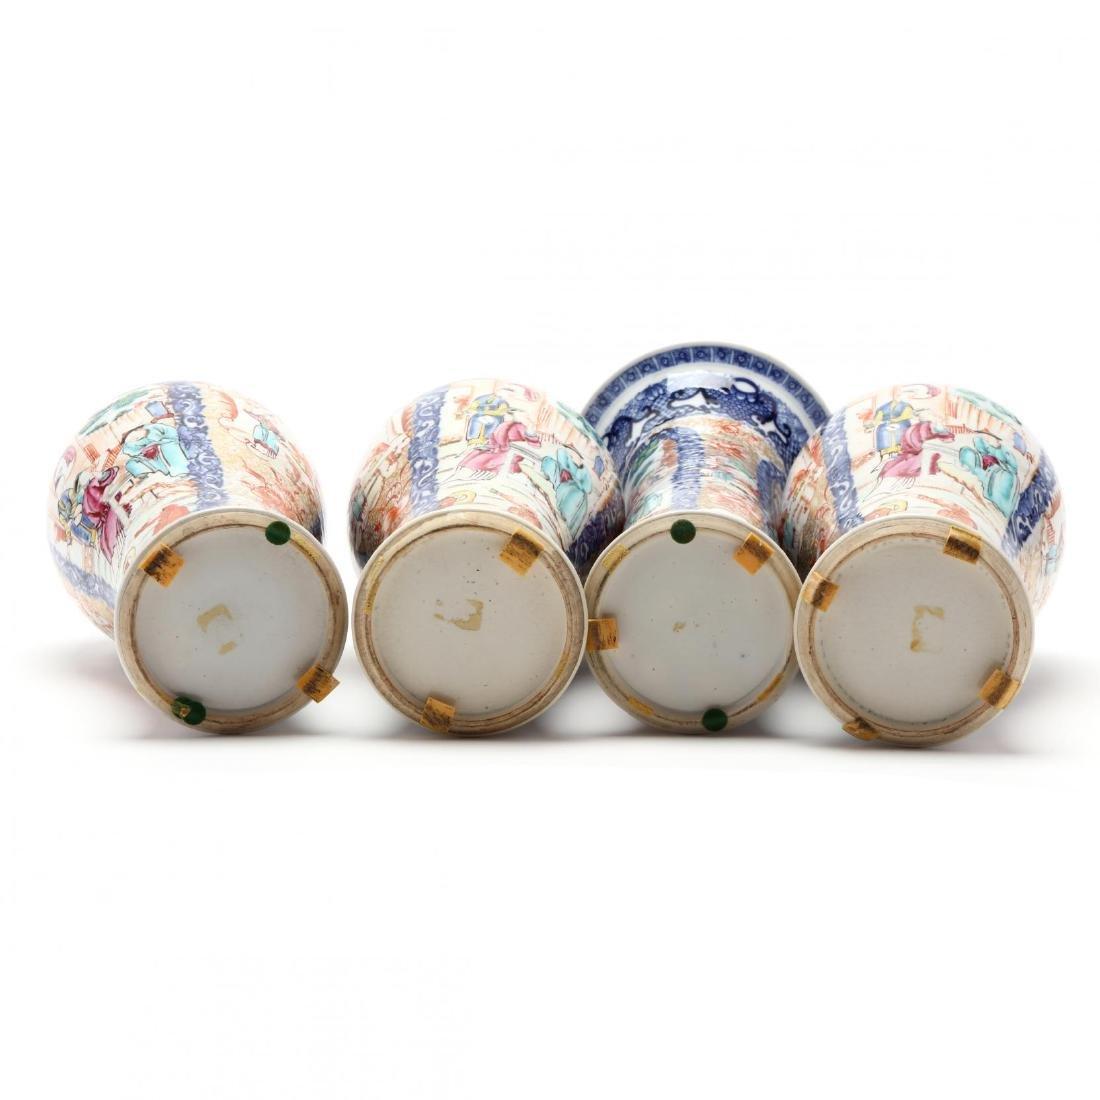 A Chinese Porcelain Mandarin Garniture Set - 5